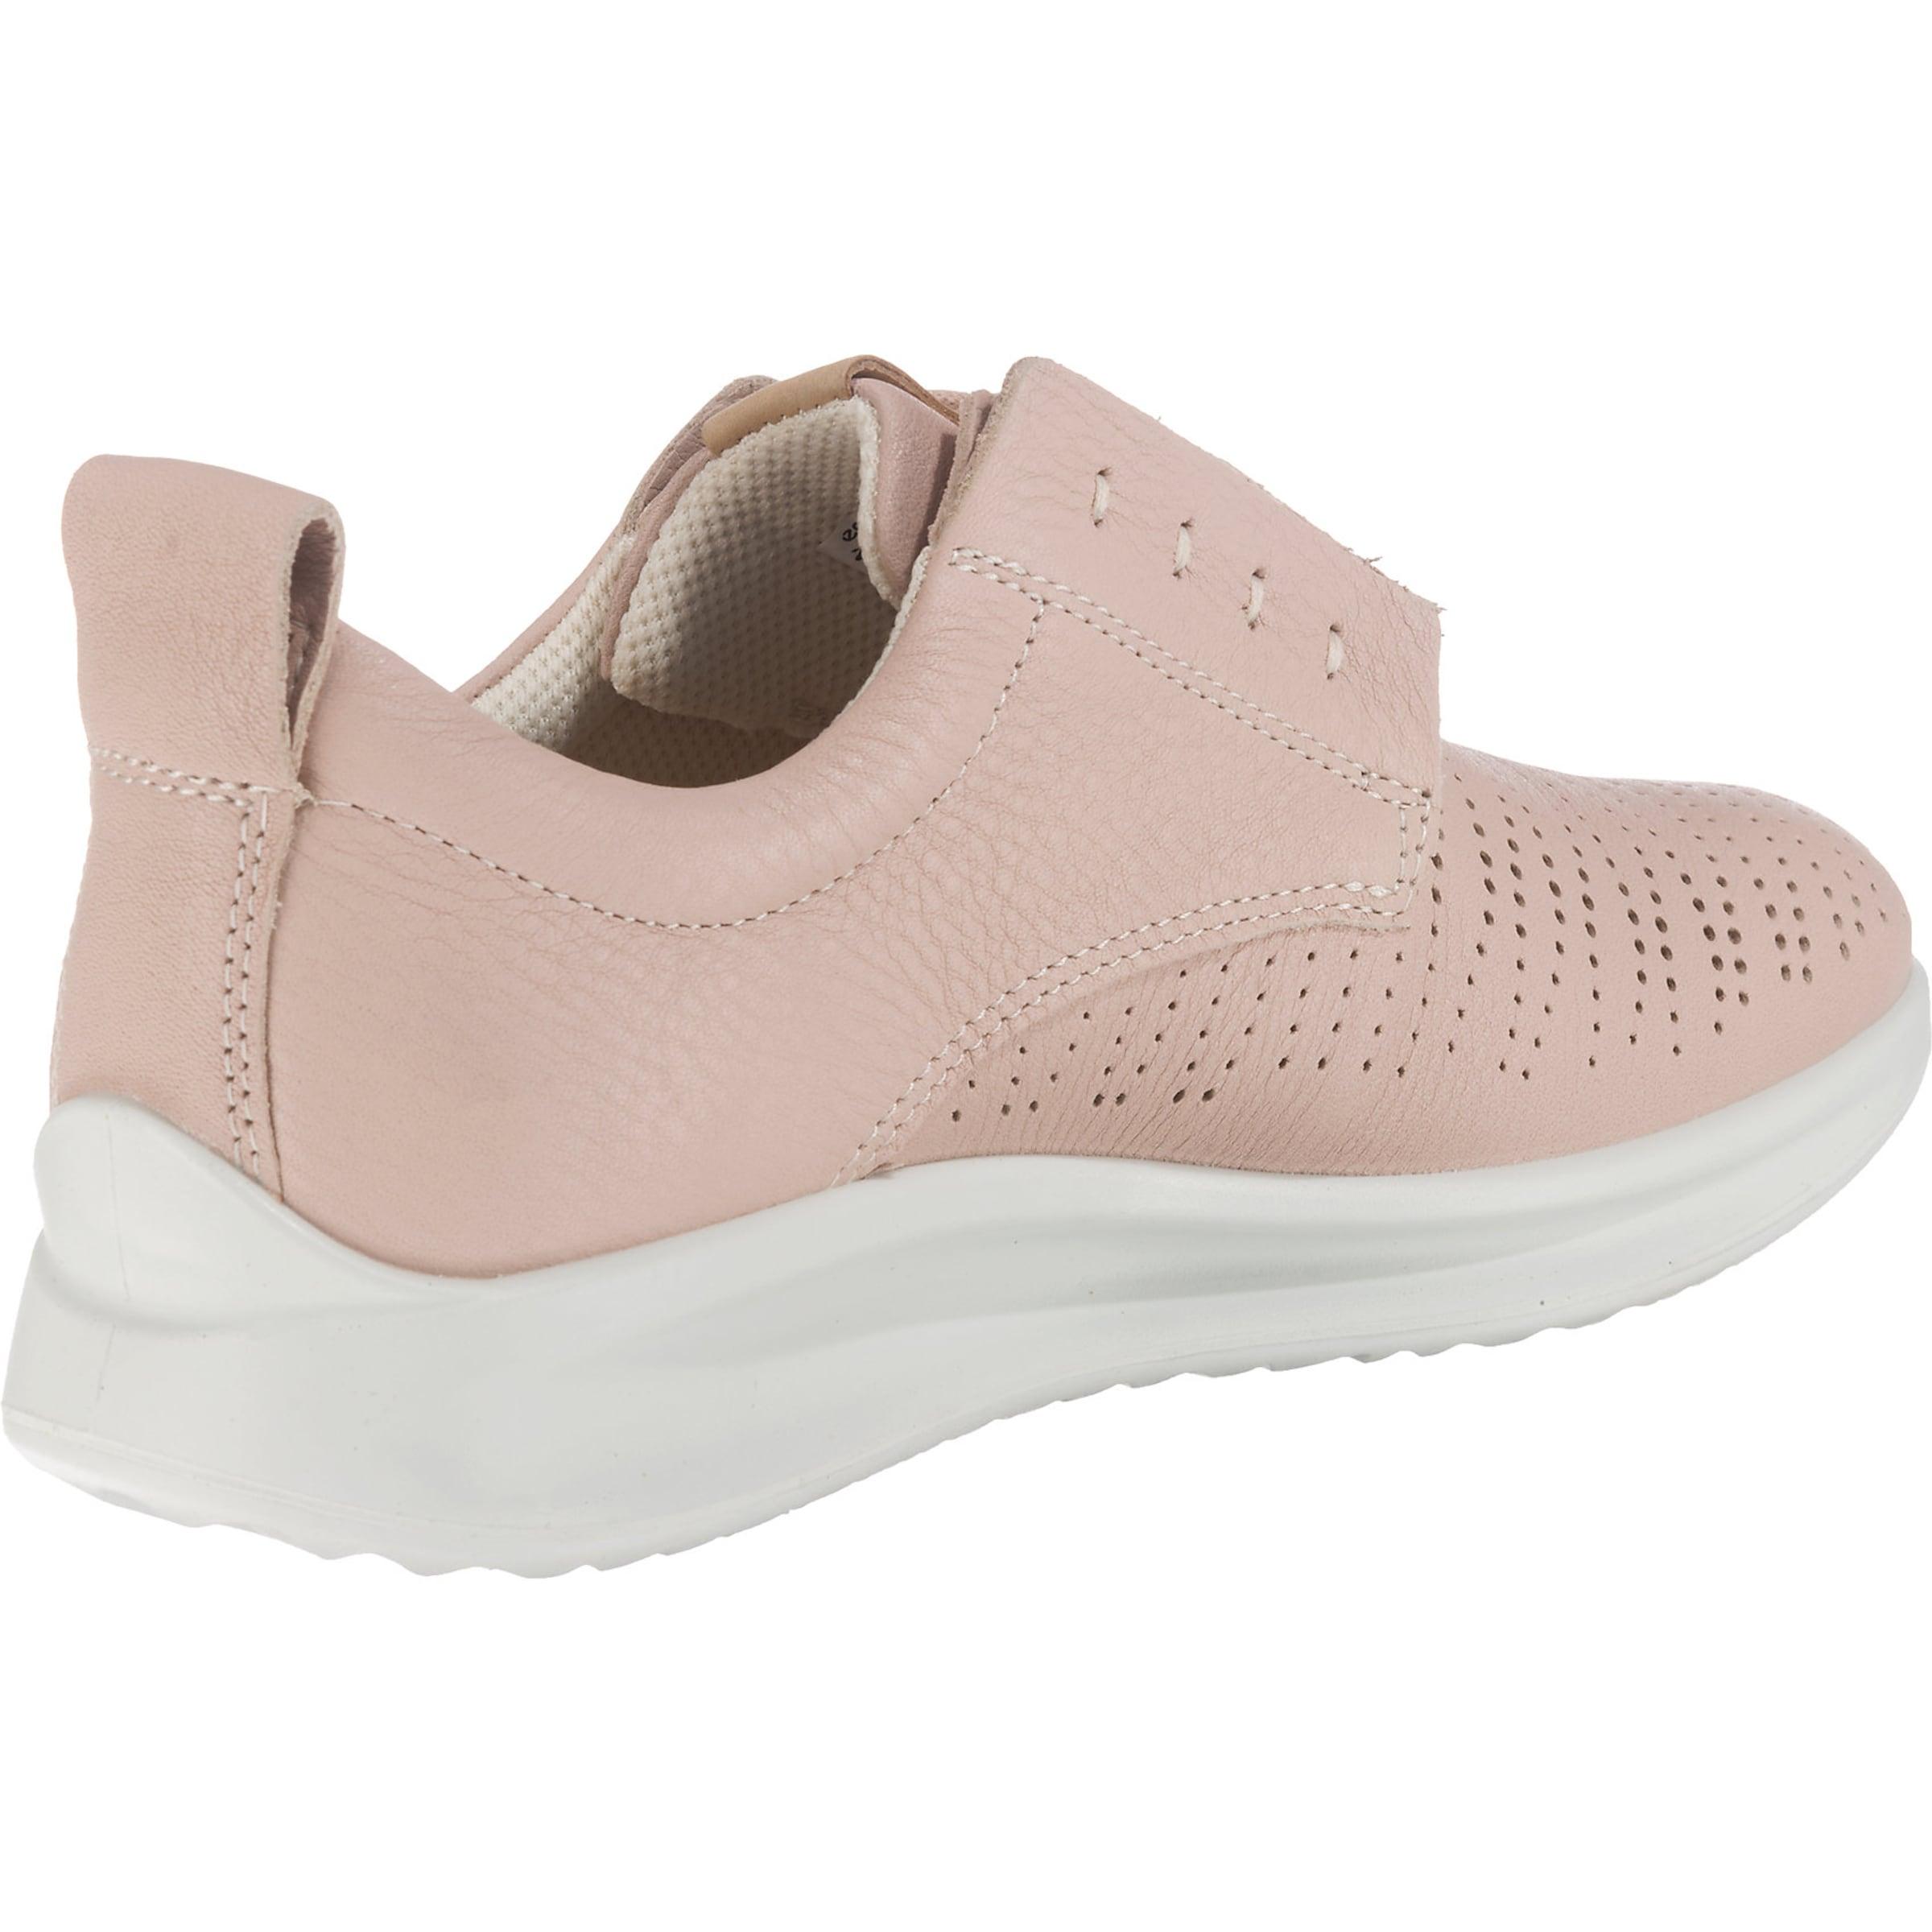 Rose Rosa 'aquet Ecco Trento' In Sneakers Low Dust xorCBeWd